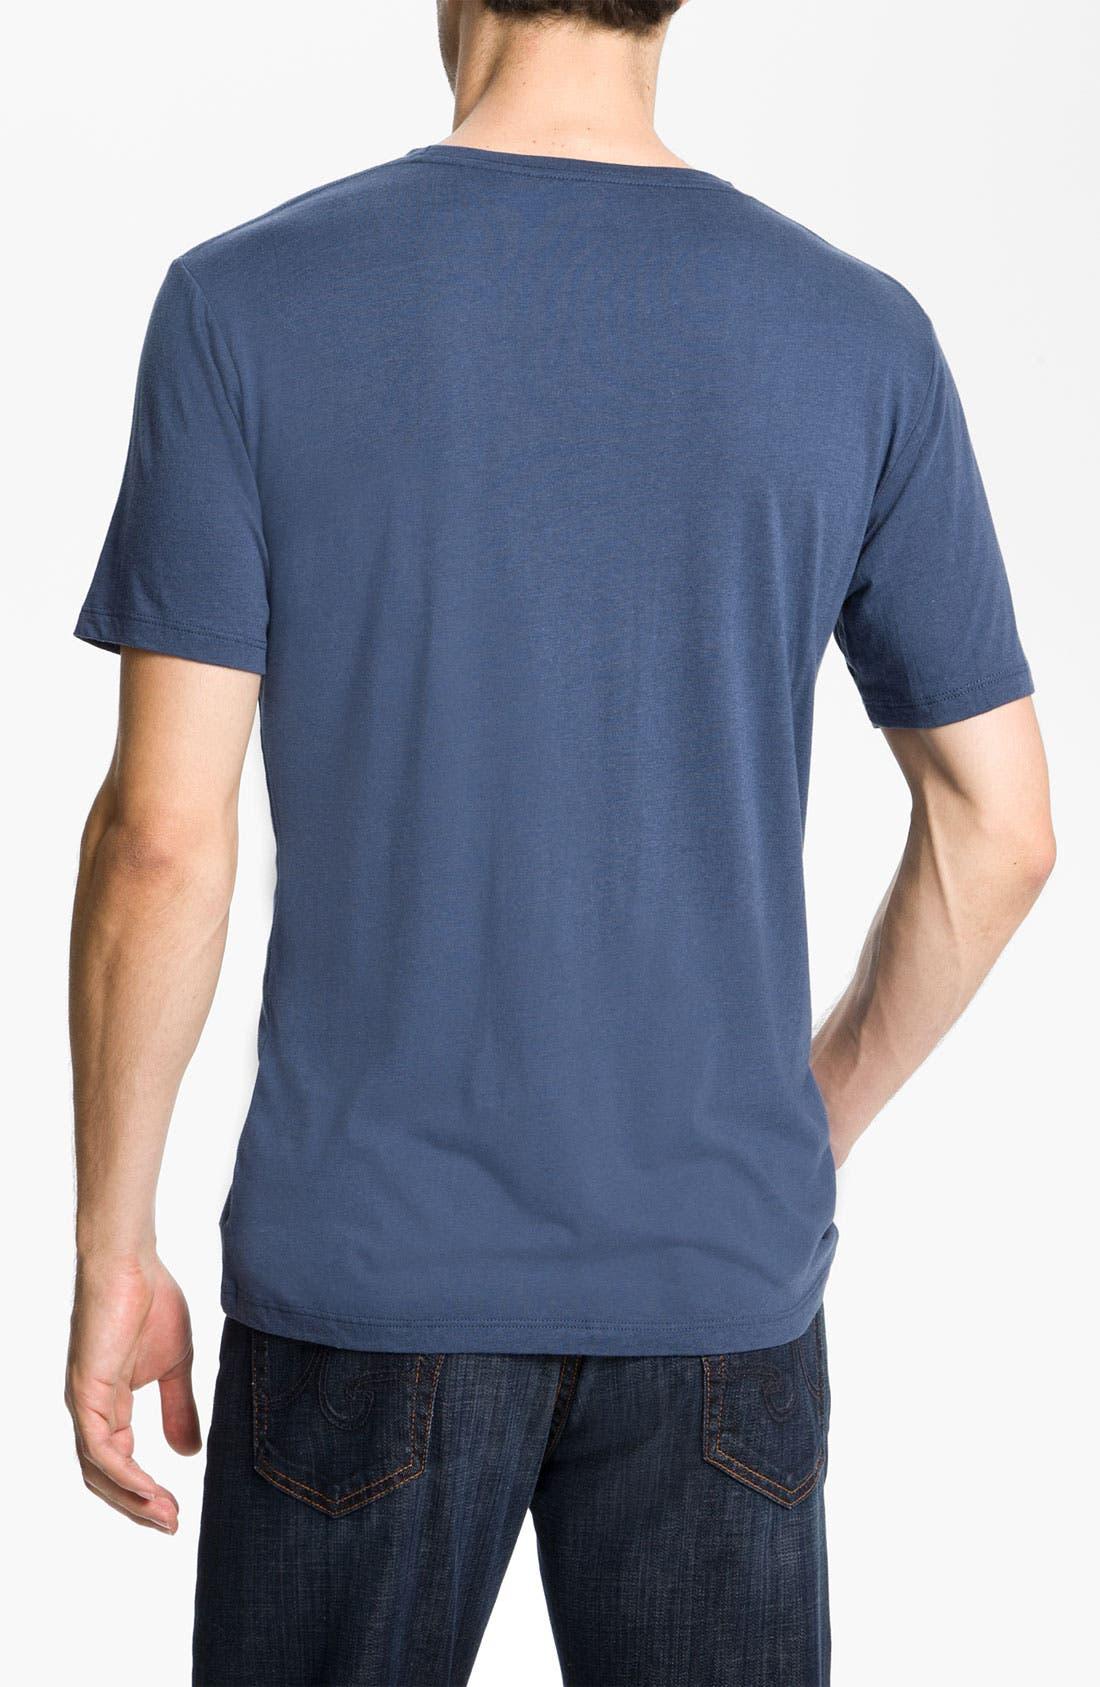 Alternate Image 2  - Alex Maine 'Premium' Crewneck T-Shirt